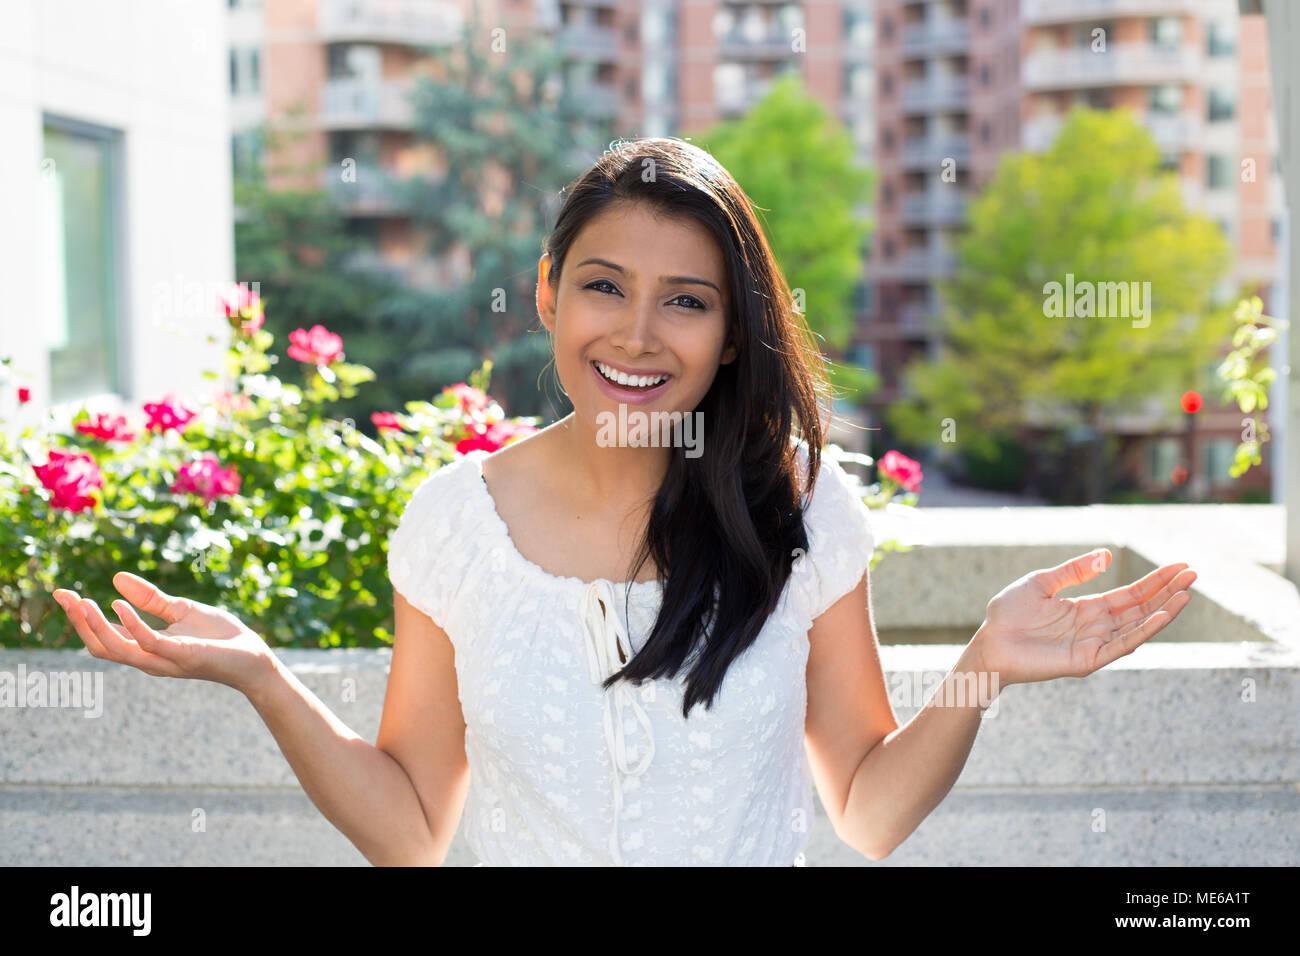 Closeup ritratto, felice giovane donna graziosa guardando scioccato sorpreso per l'incredulità, le mani in aria, a bocca aperta, gli edifici isolati, fiori sfondo. P Immagini Stock